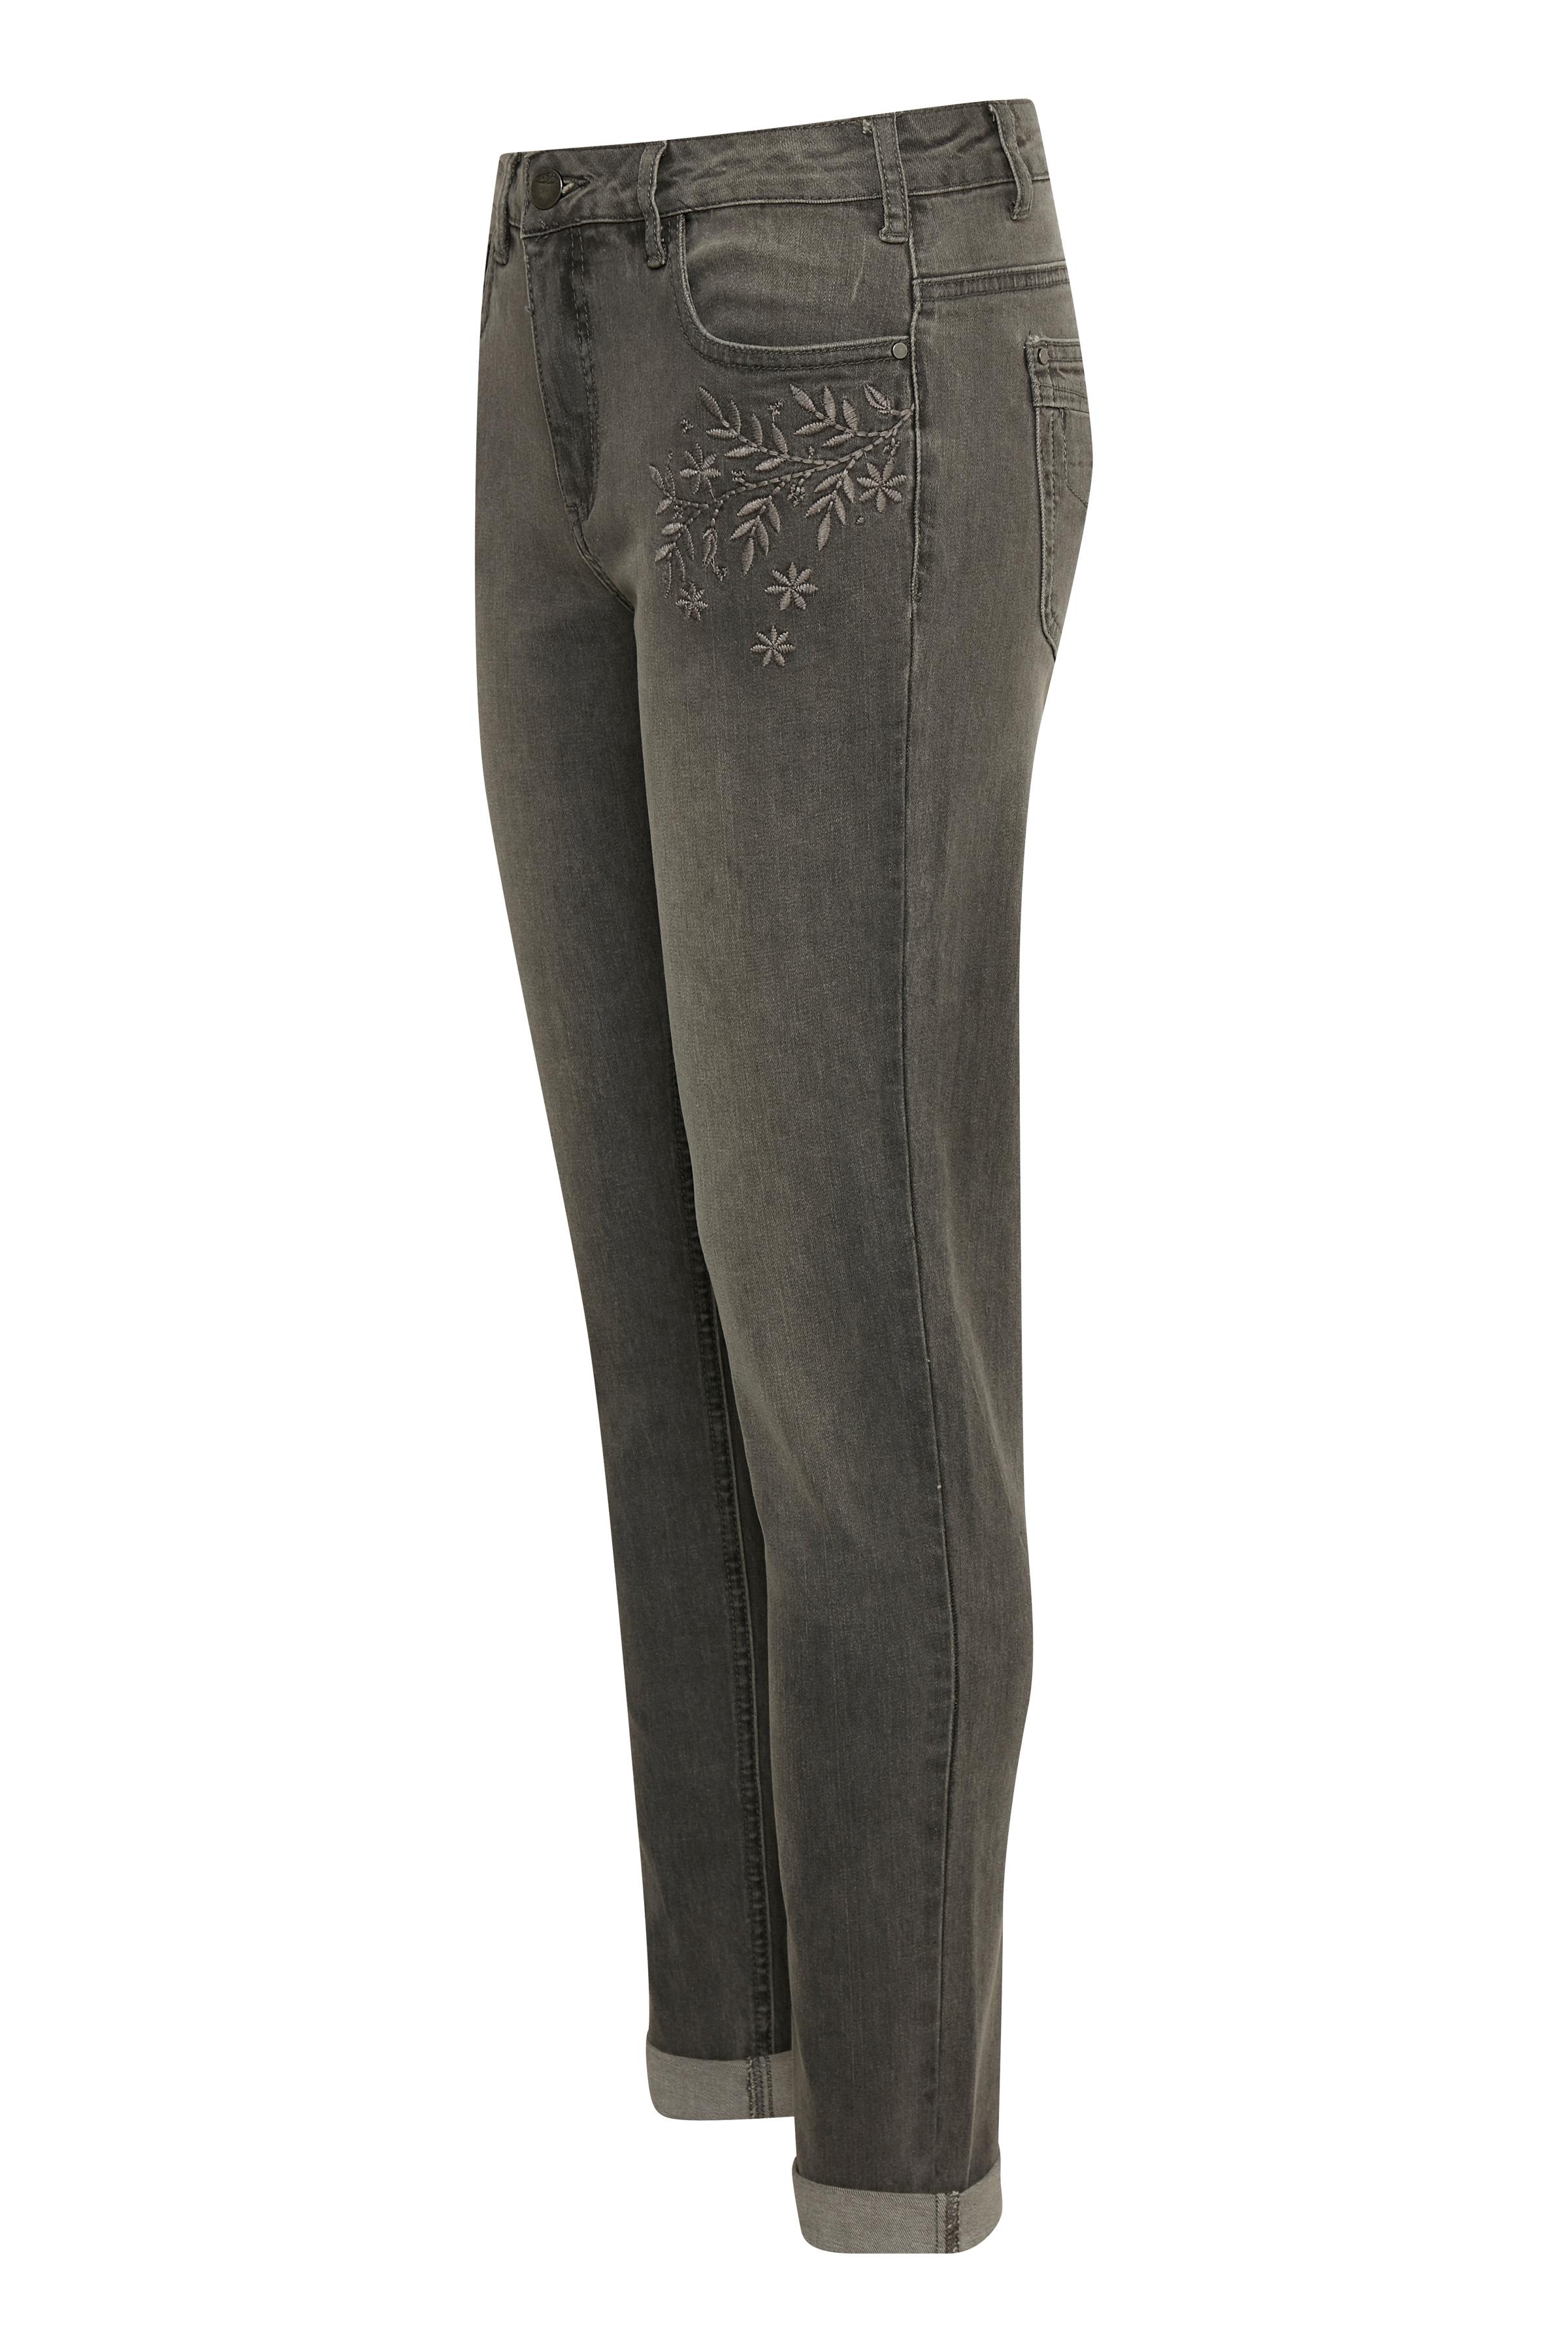 Denimgrå Casual byxor från Bon'A Parte – Köp Denimgrå Casual byxor från stl. 36-48 här